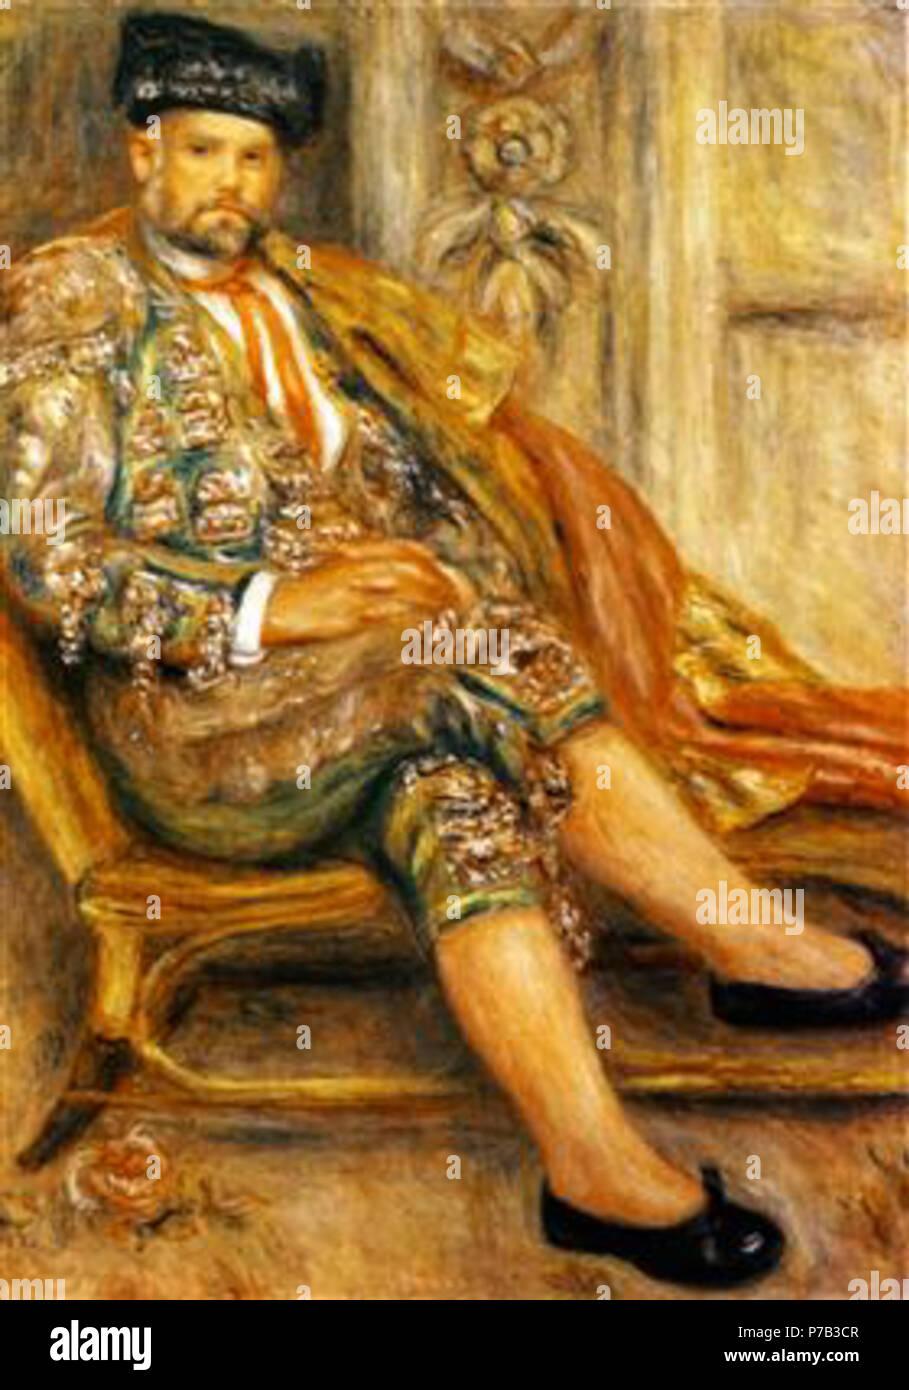 Work by Pierre-Auguste Renoir . before 1919 67 Renoir - ambroise-vollard-portrait.jpg!PinterestLarge - Stock Image